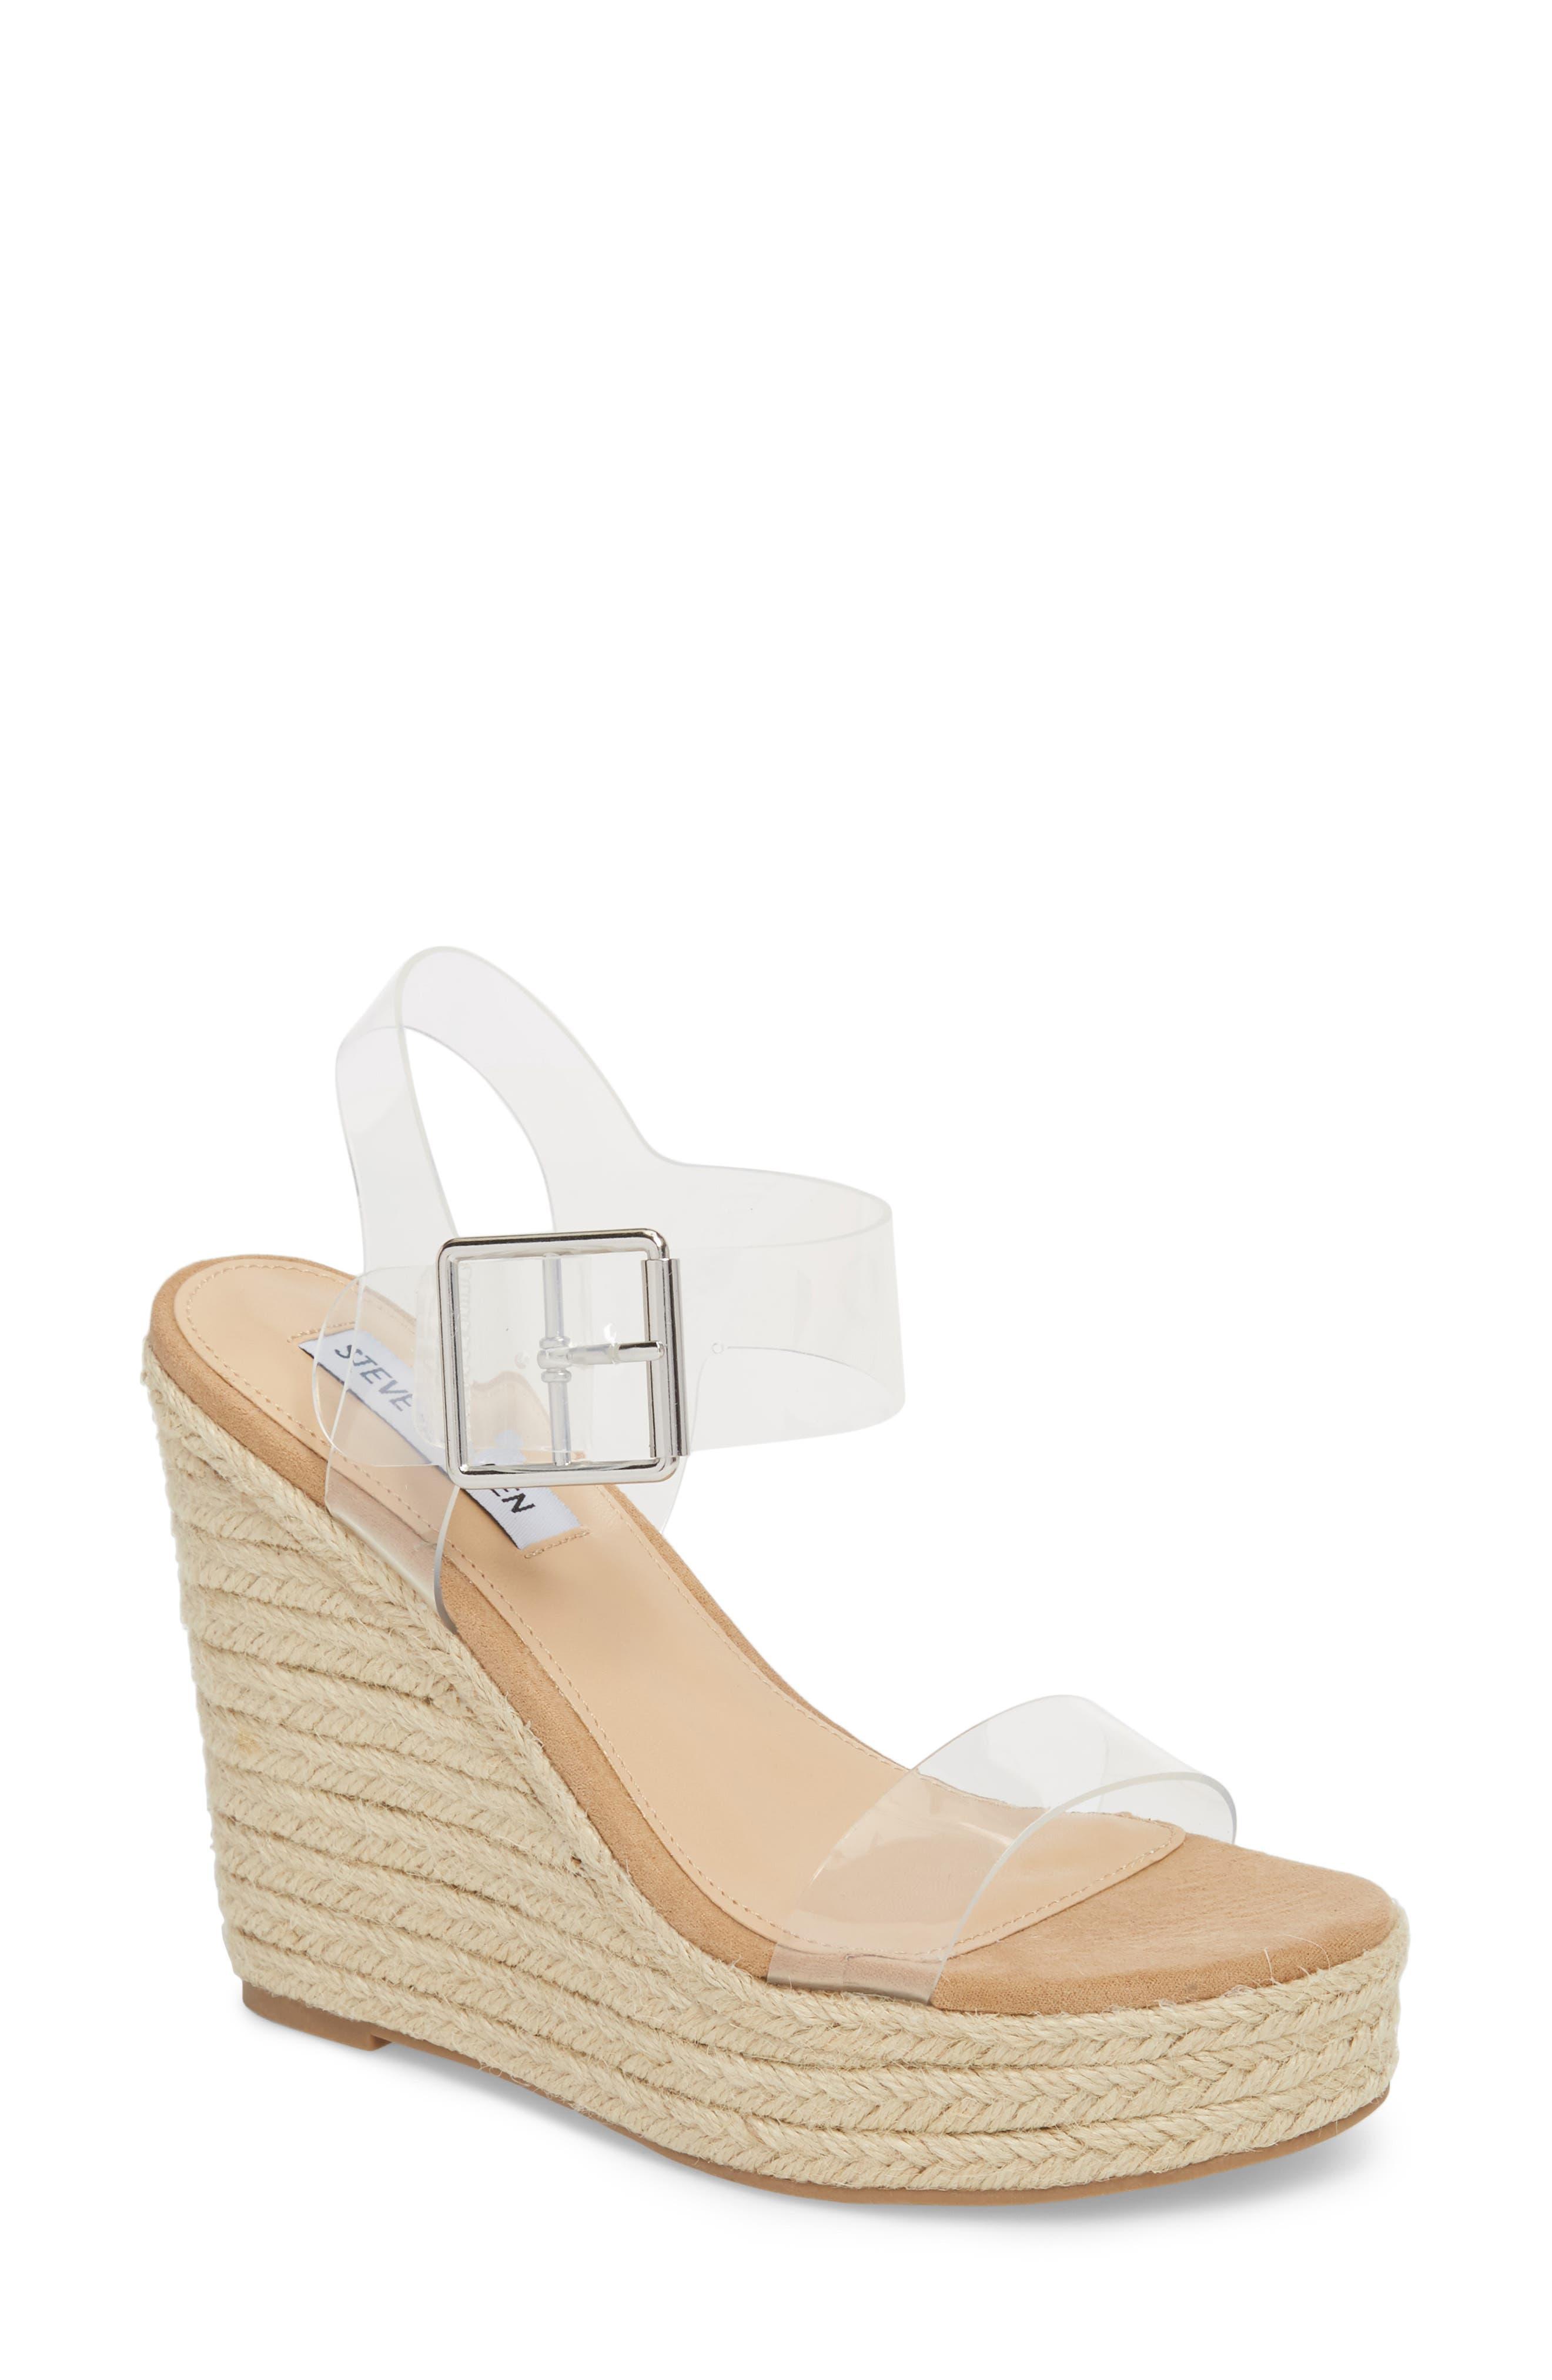 Splash Transparent Strap Wedge Sandal,                         Main,                         color, 250